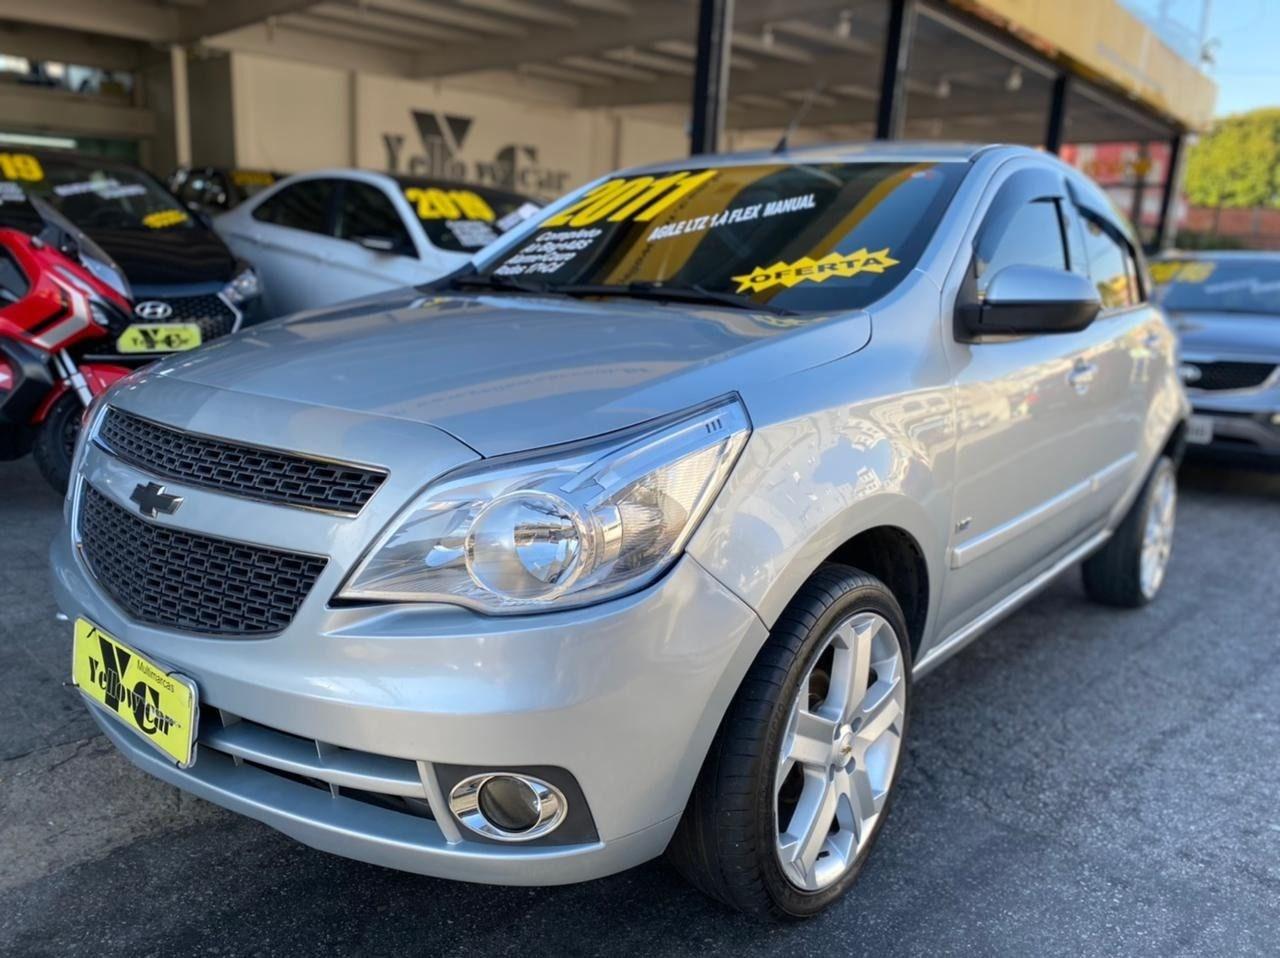 //www.autoline.com.br/carro/chevrolet/agile-14-ltz-8v-flex-4p-manual/2011/sao-paulo-sp/15216198